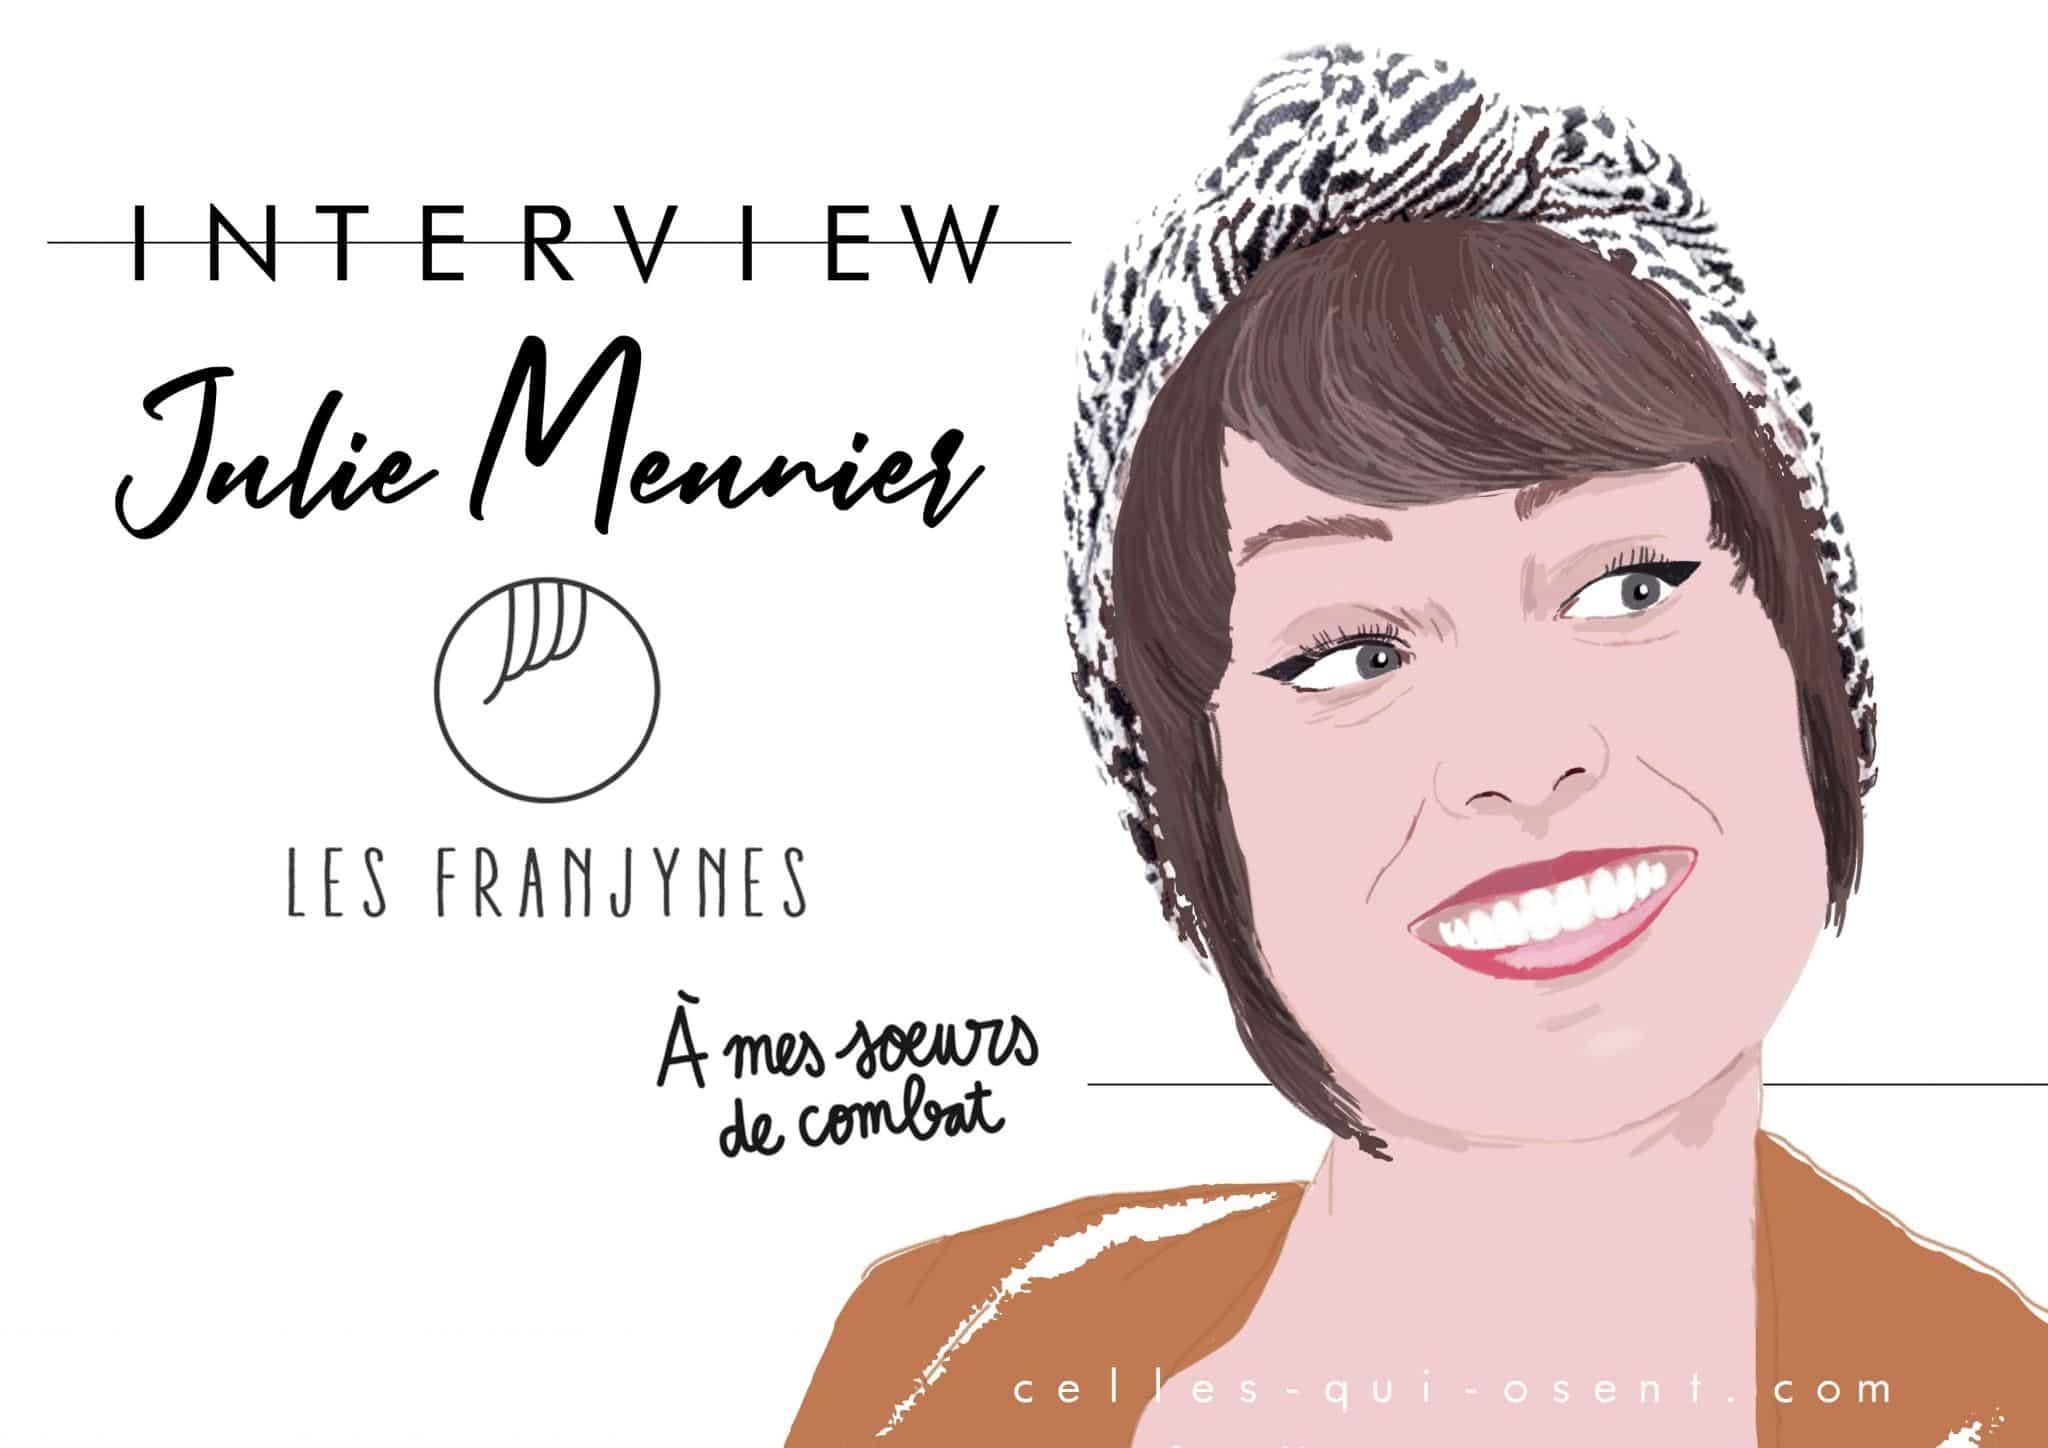 les-franjynes-julie-meunier